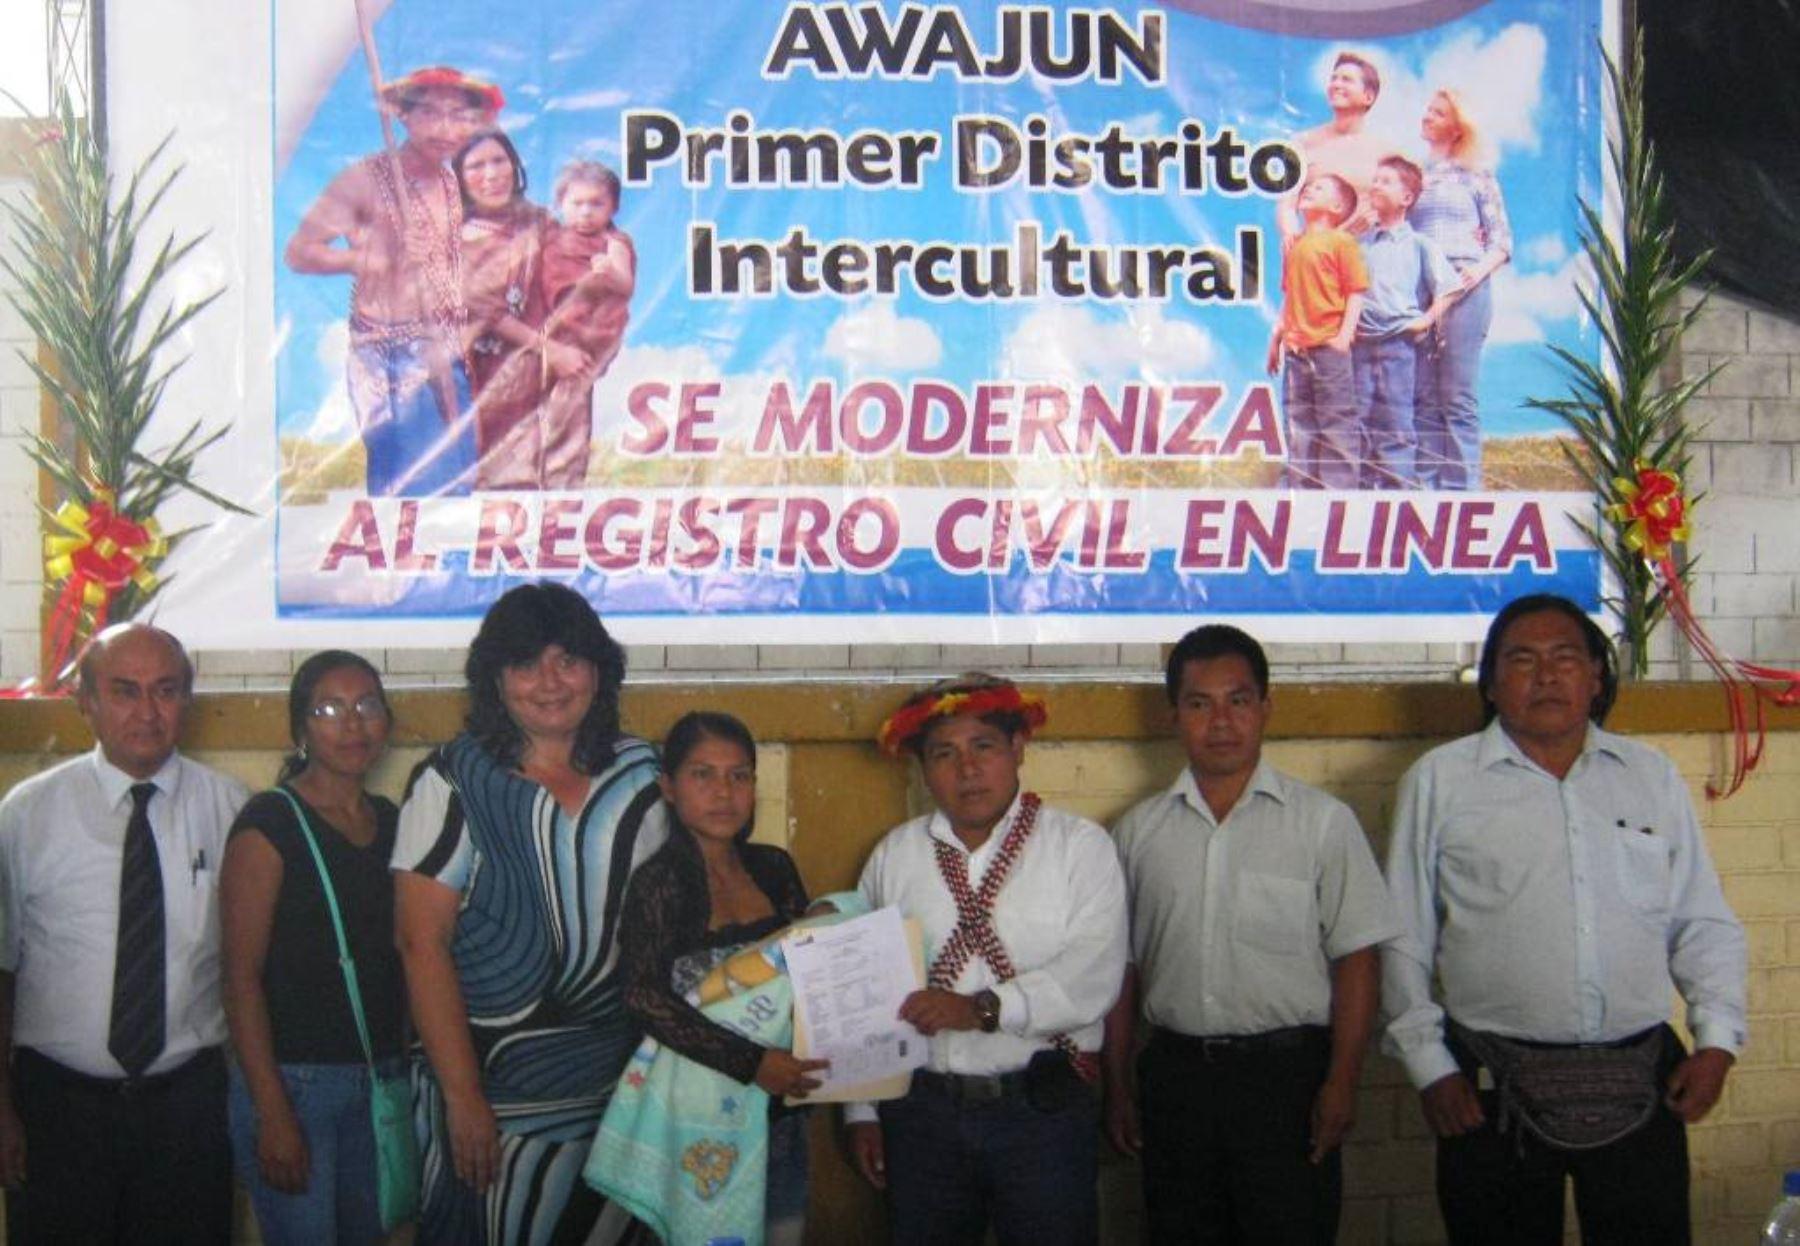 Reniec implementa primer registro civil bilingüe en línea en castellano y awajún. Foto: ANDINA/Difusión.